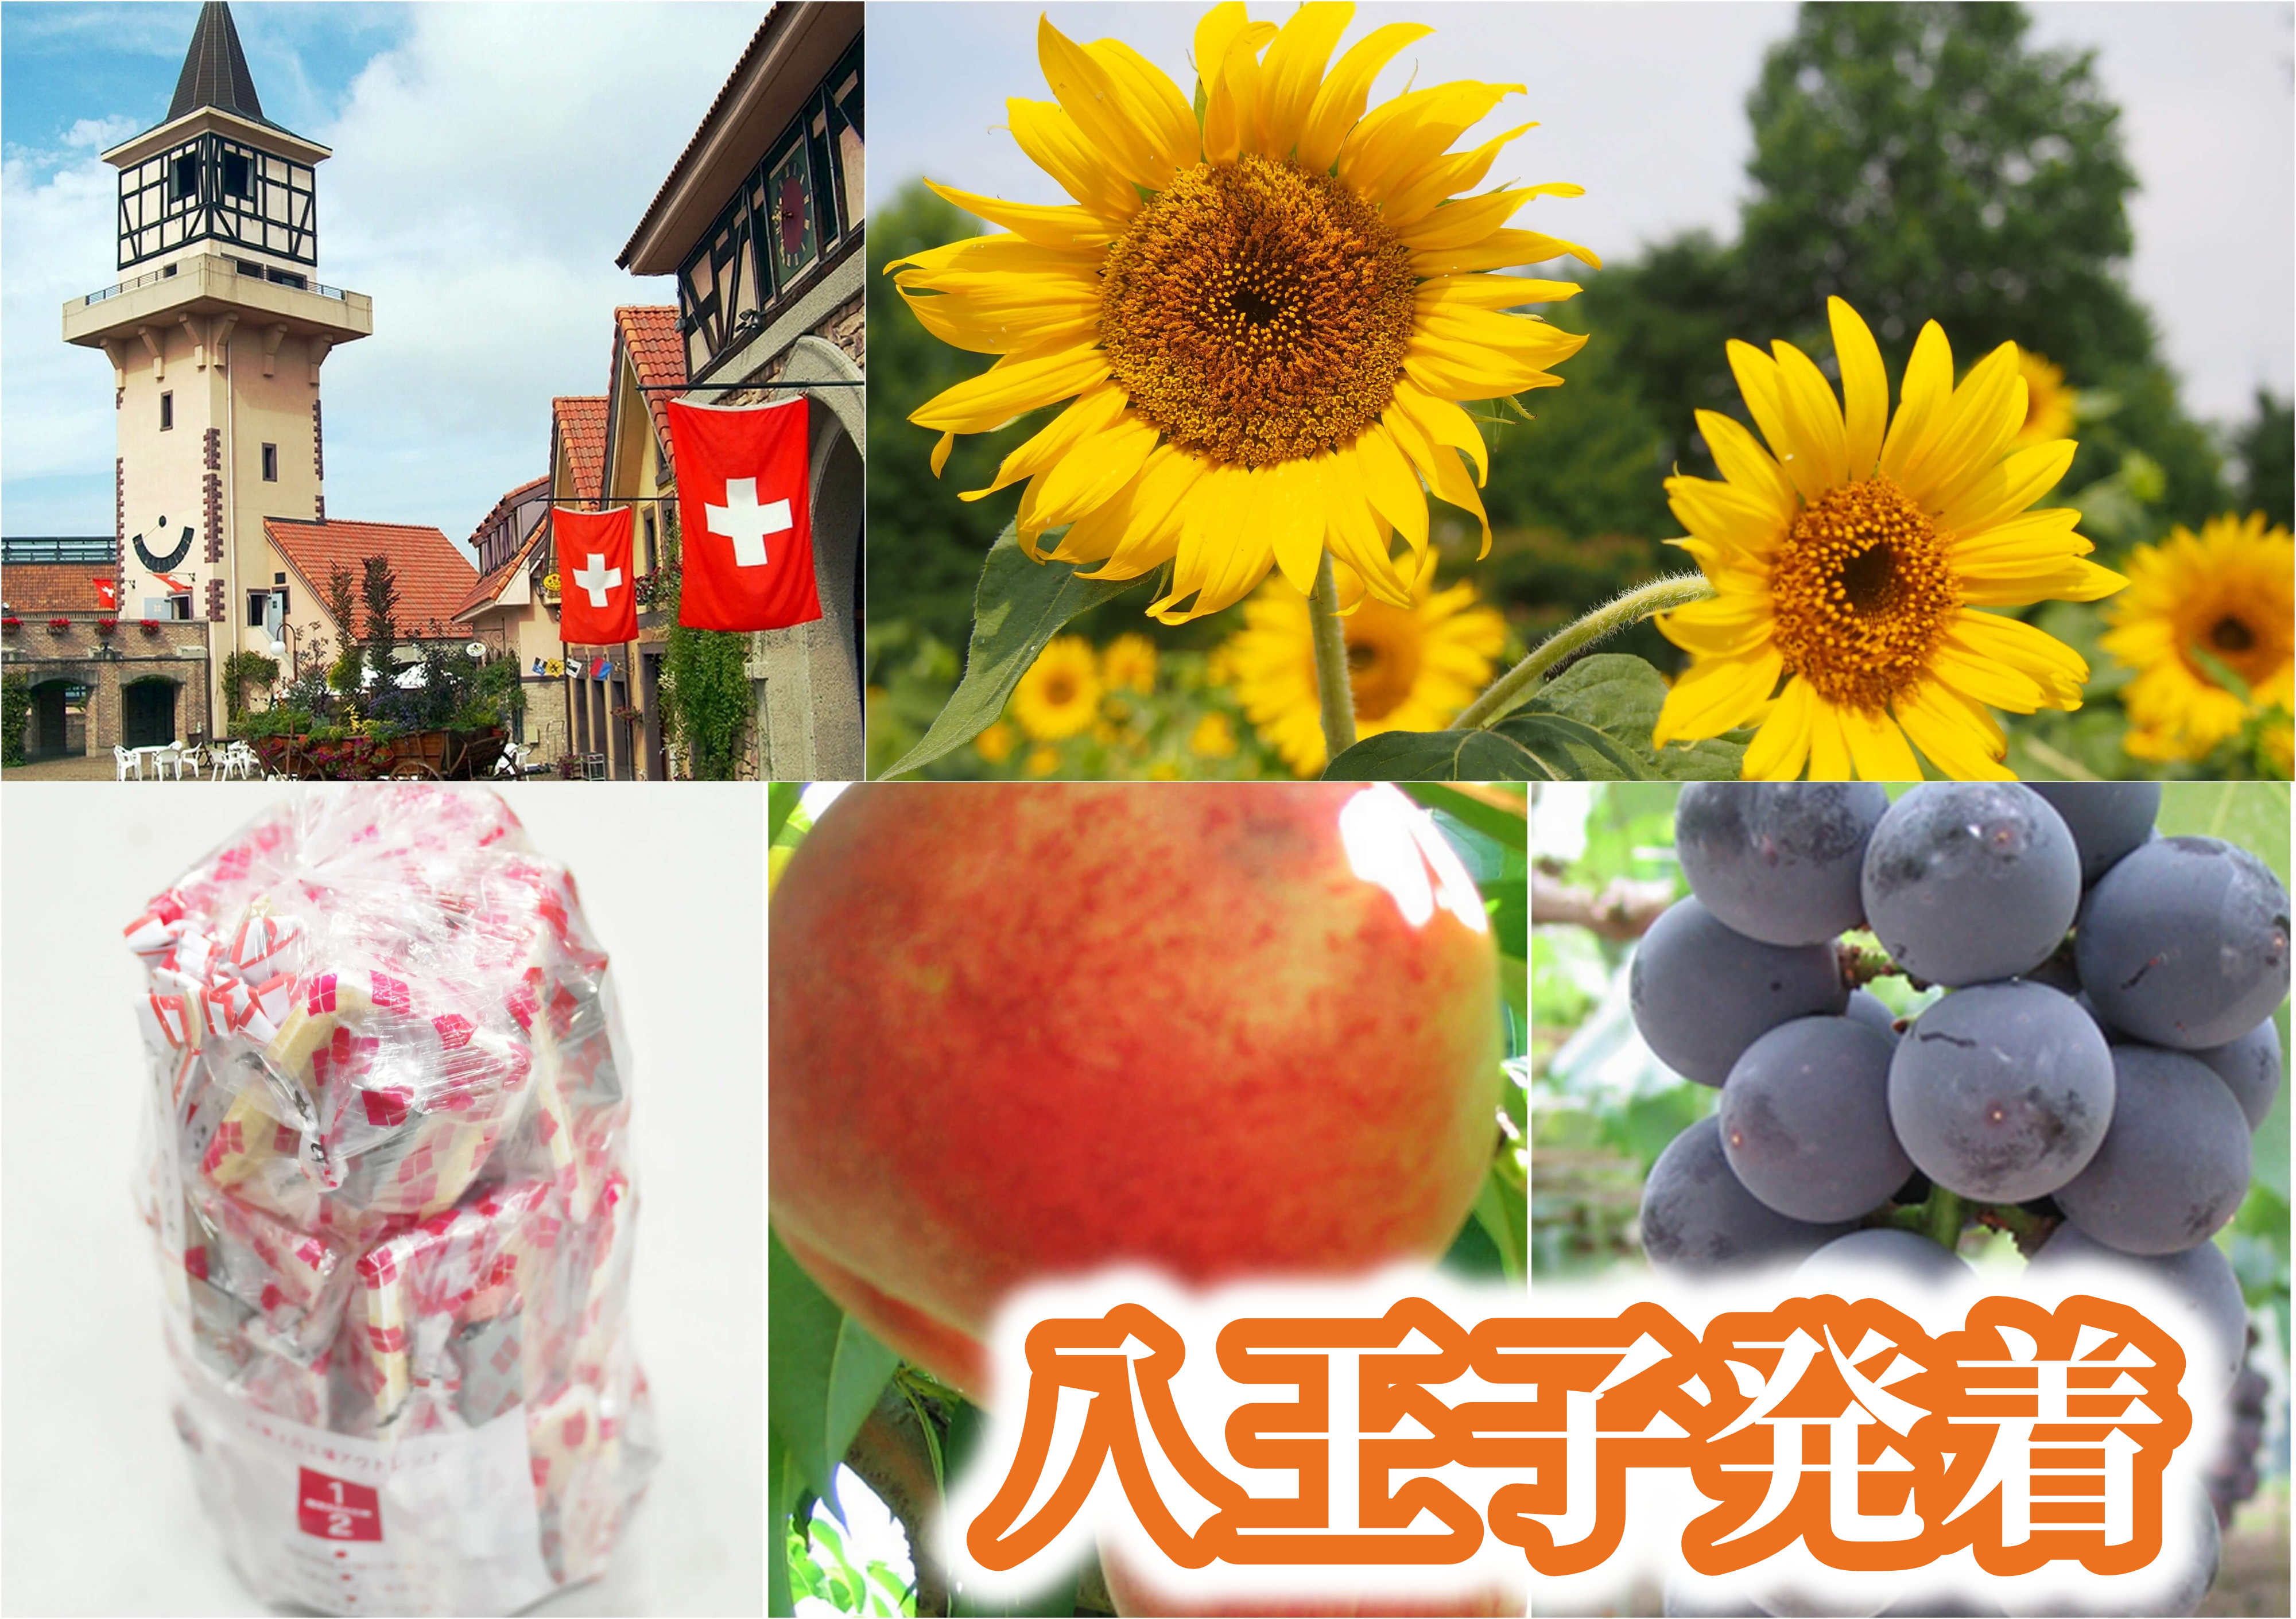 <八王子発>夏の花咲くハイジの村&ハーブ庭園散策!《大人気》桔梗信玄餅の詰め放題に旬のフルーツ狩りも楽しもう!